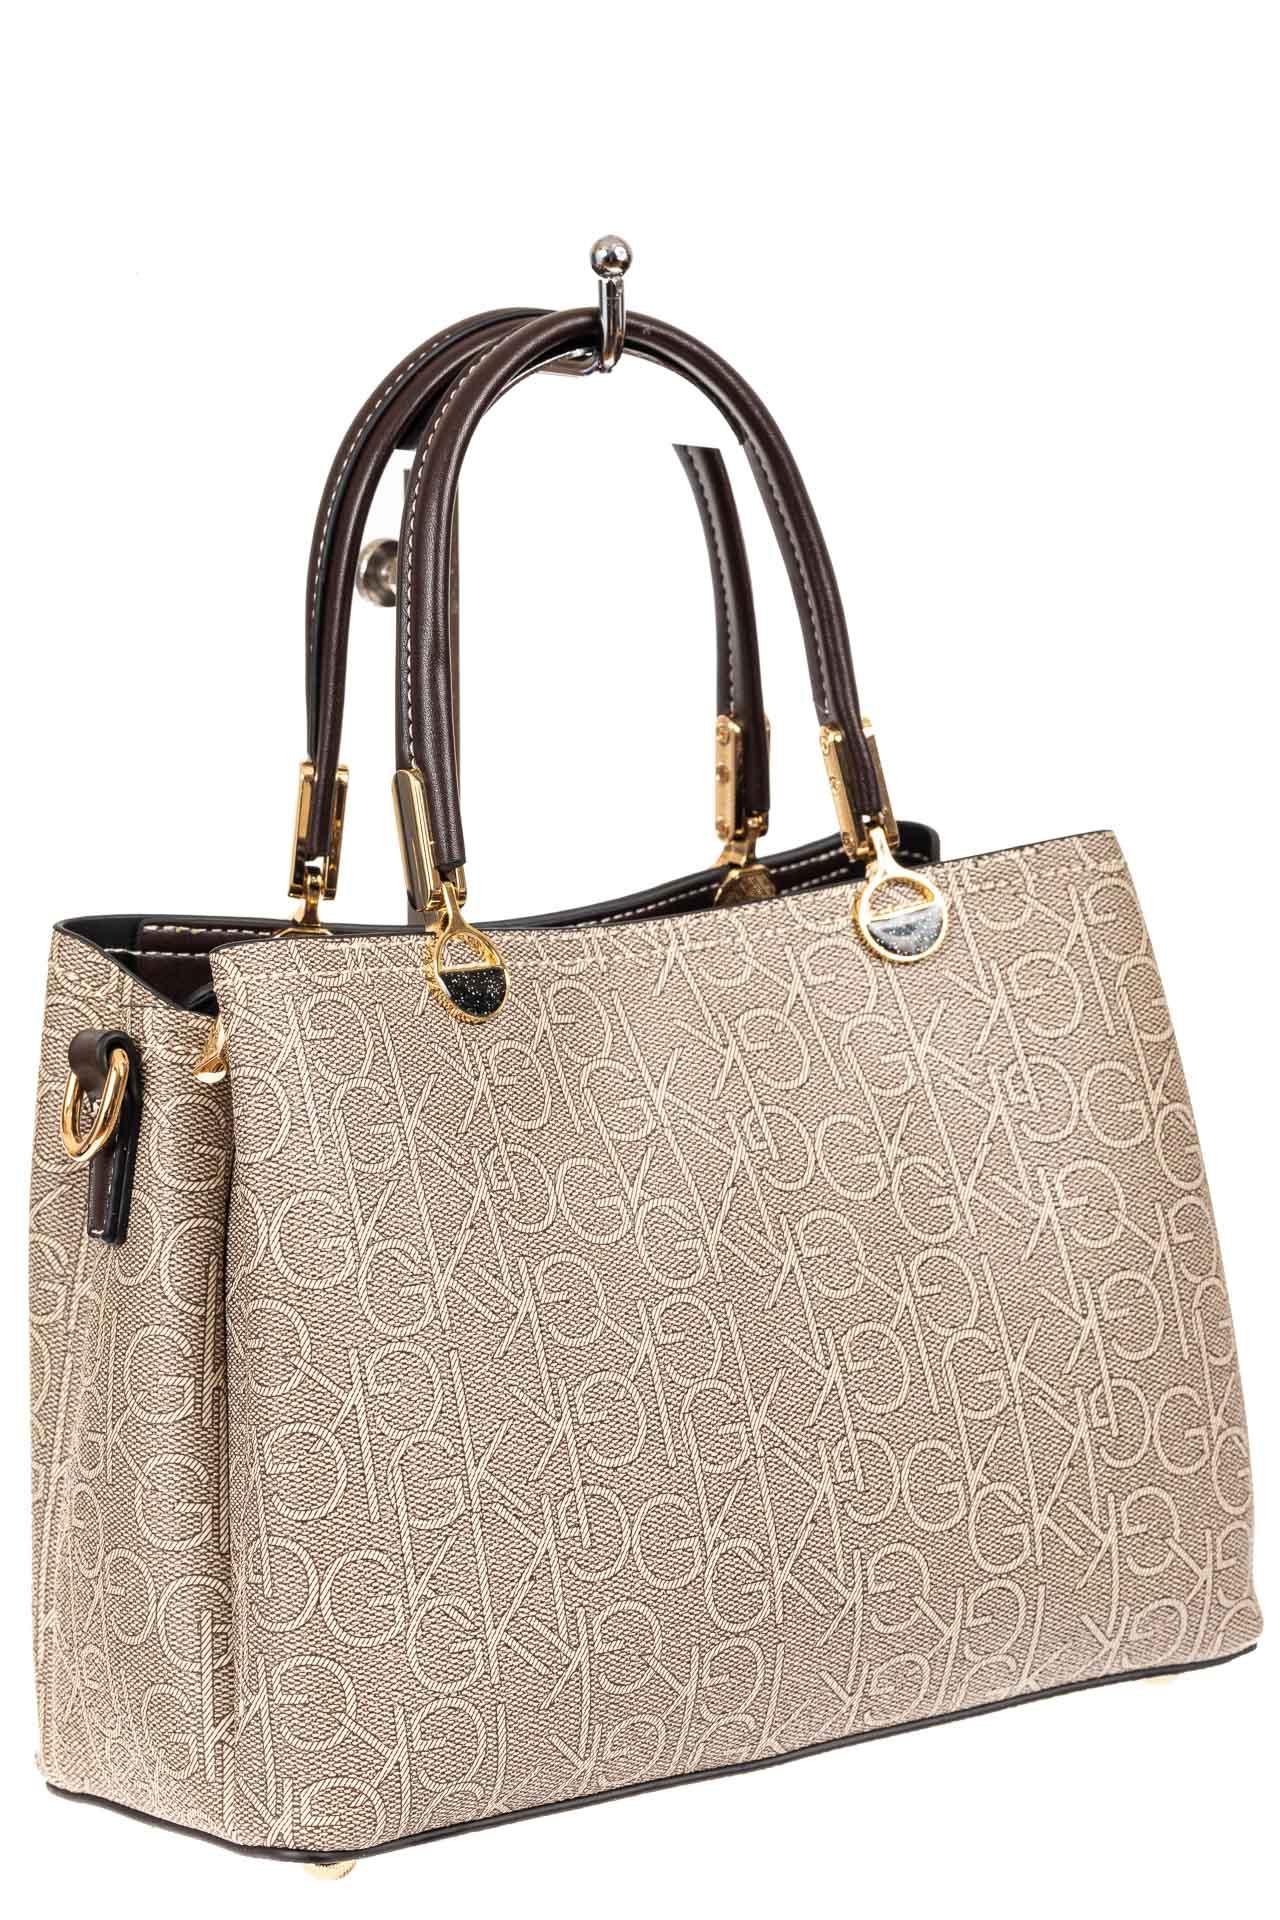 Женская сумка тоут из принтованного кожзама, цвет серый65130PJ0420/11